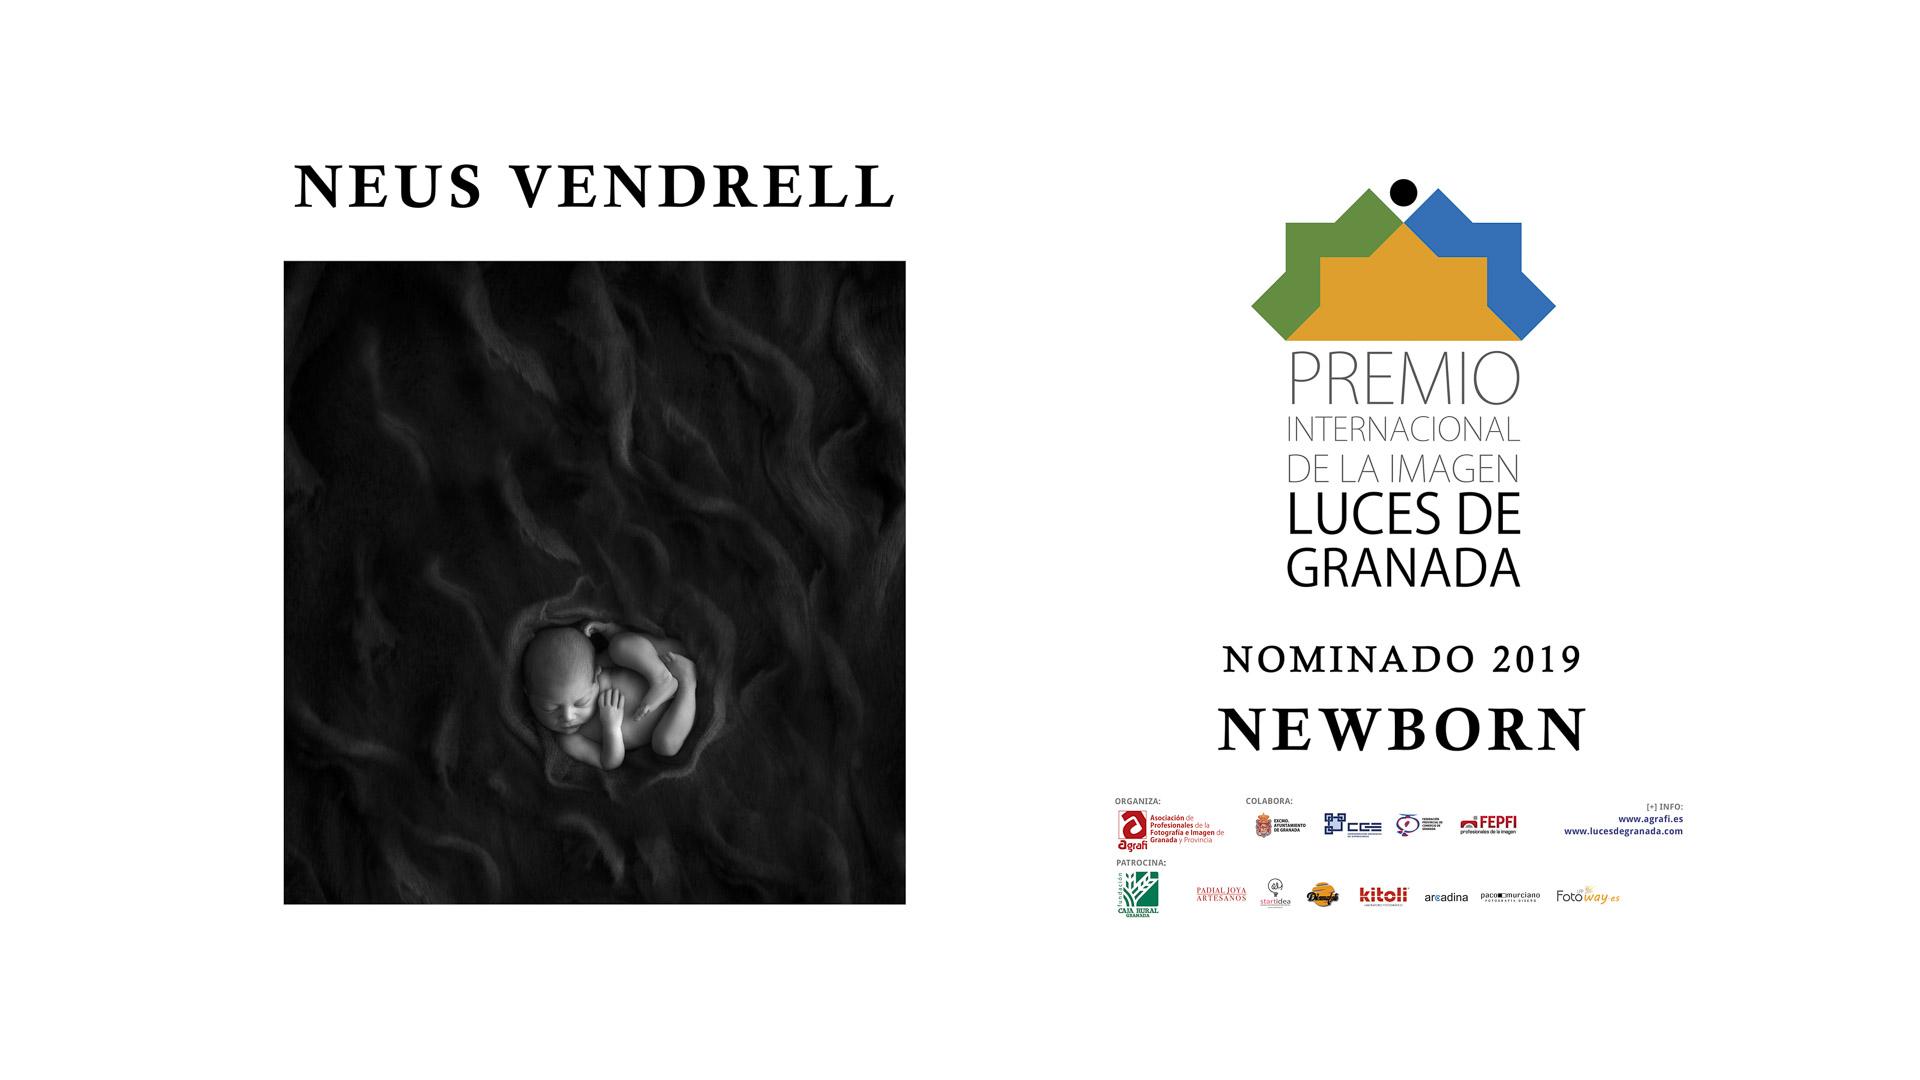 NB14_NEUS VENDRELL